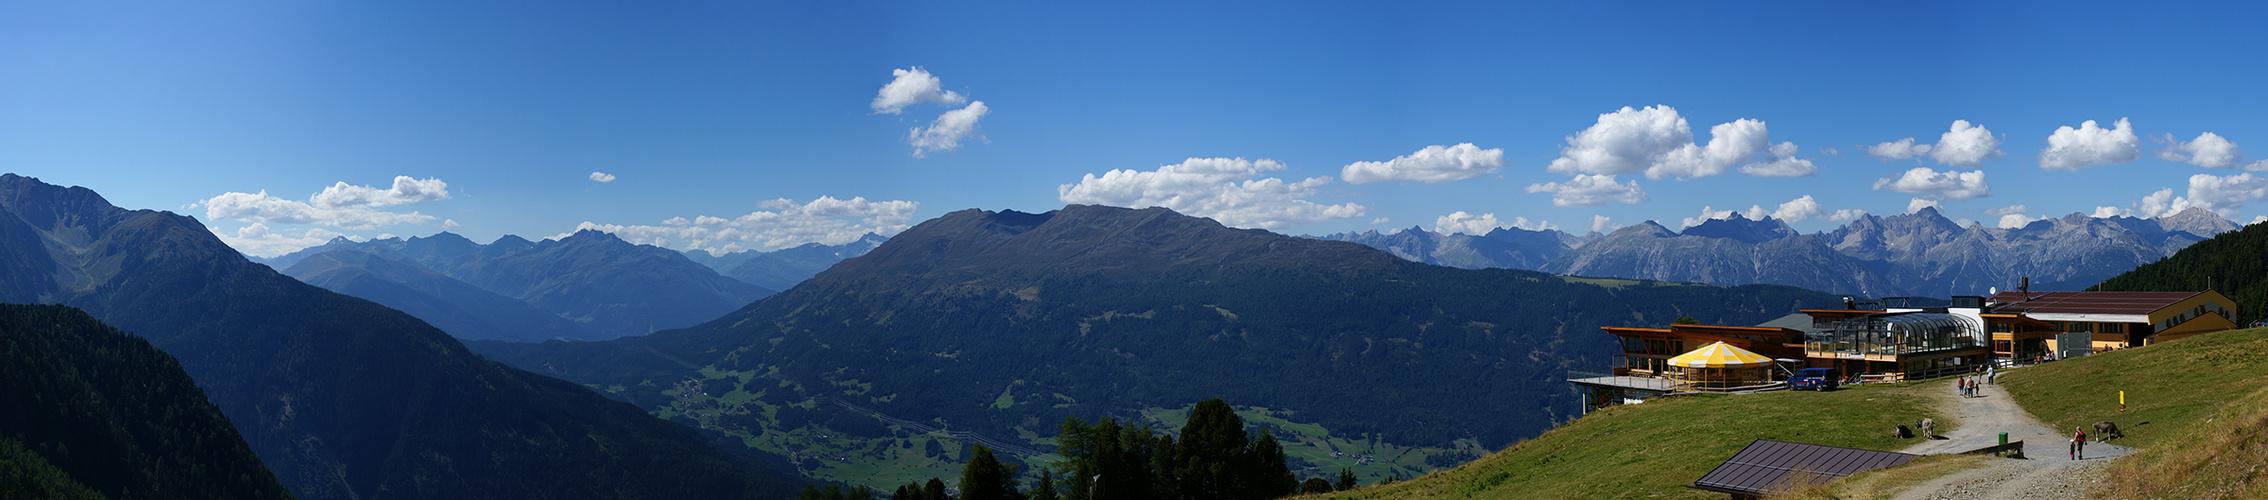 Tirol 2013